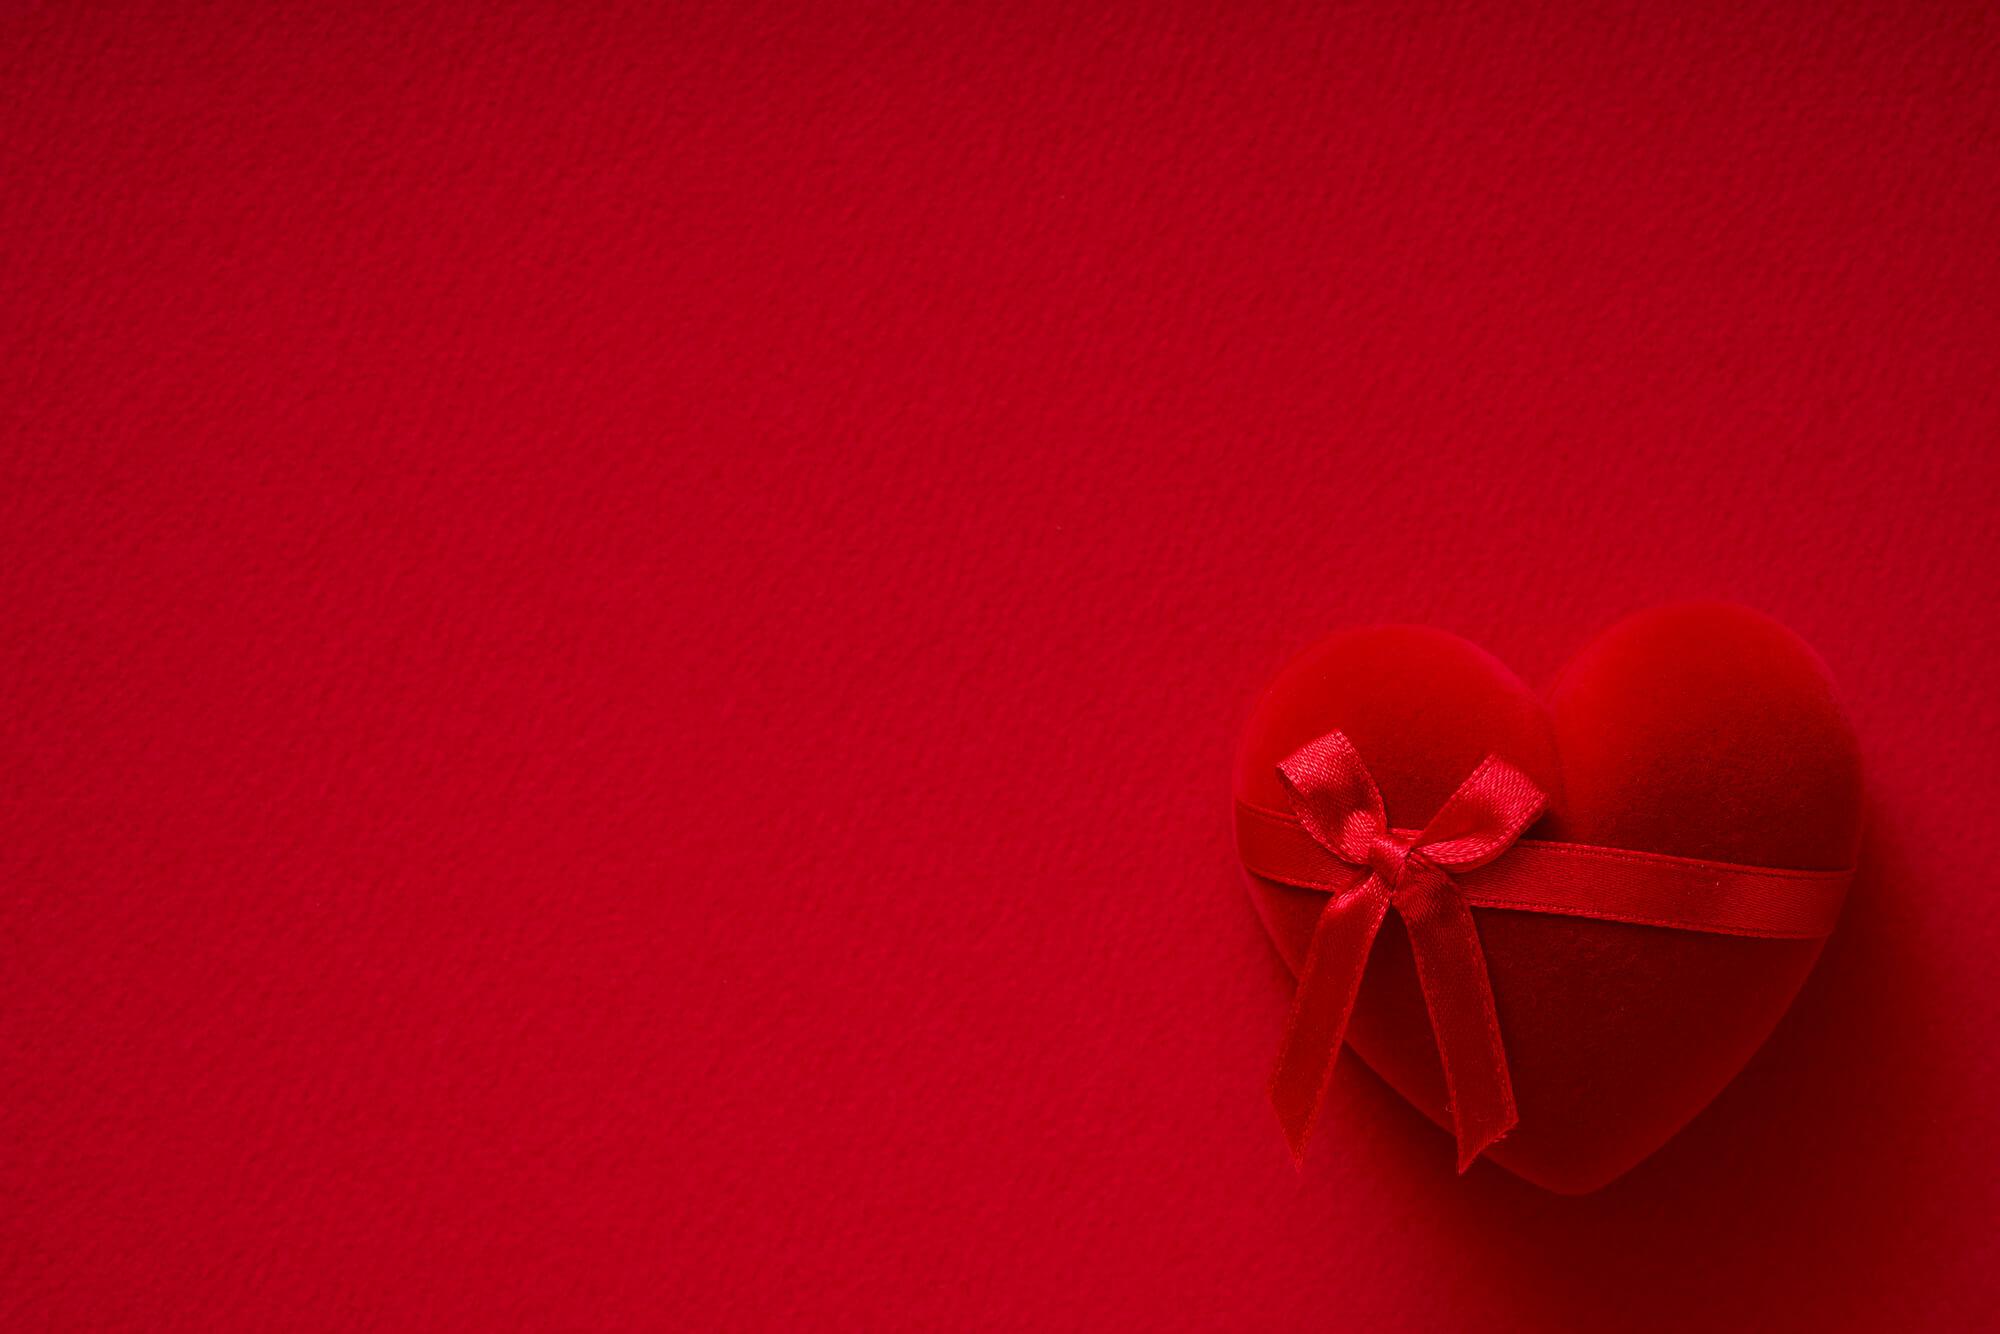 ホストへのプレゼント、なにを贈る?ーーおすすめプレゼントランキング・2021年最新版♡